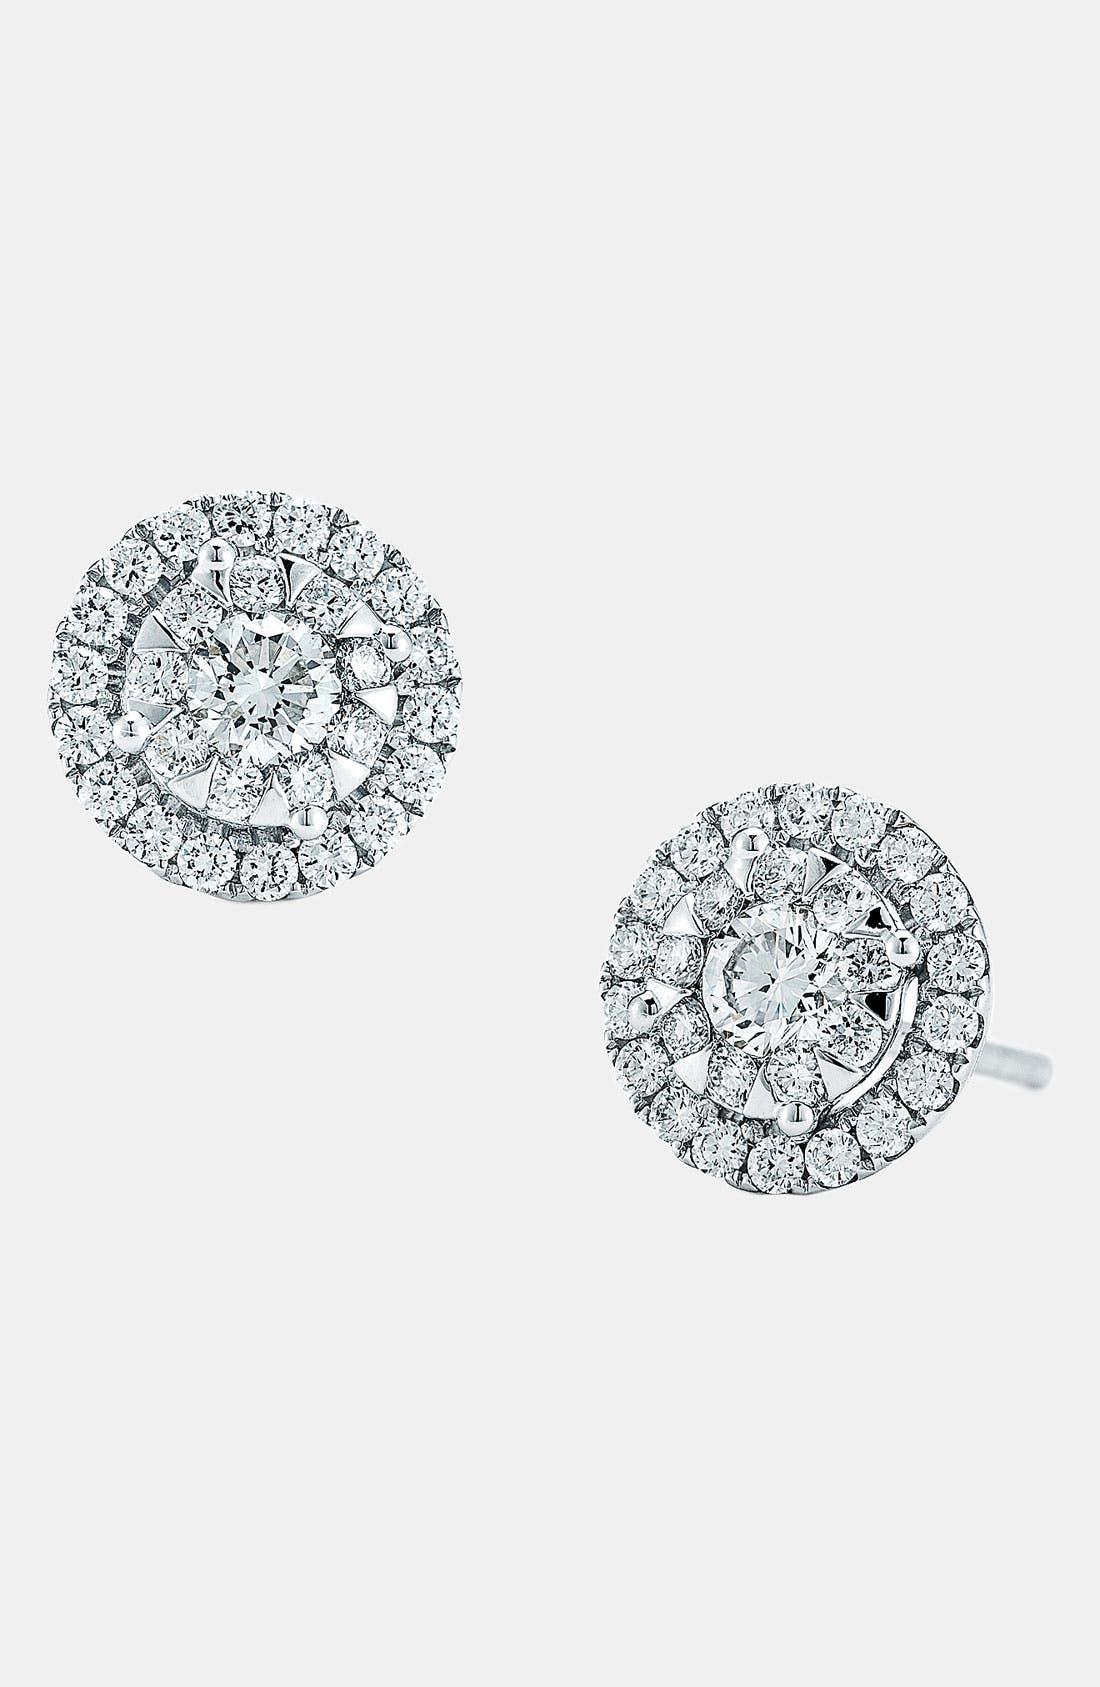 Alternate Image 1 Selected - Kwiat 'Sunburst' Diamond Stud Earrings